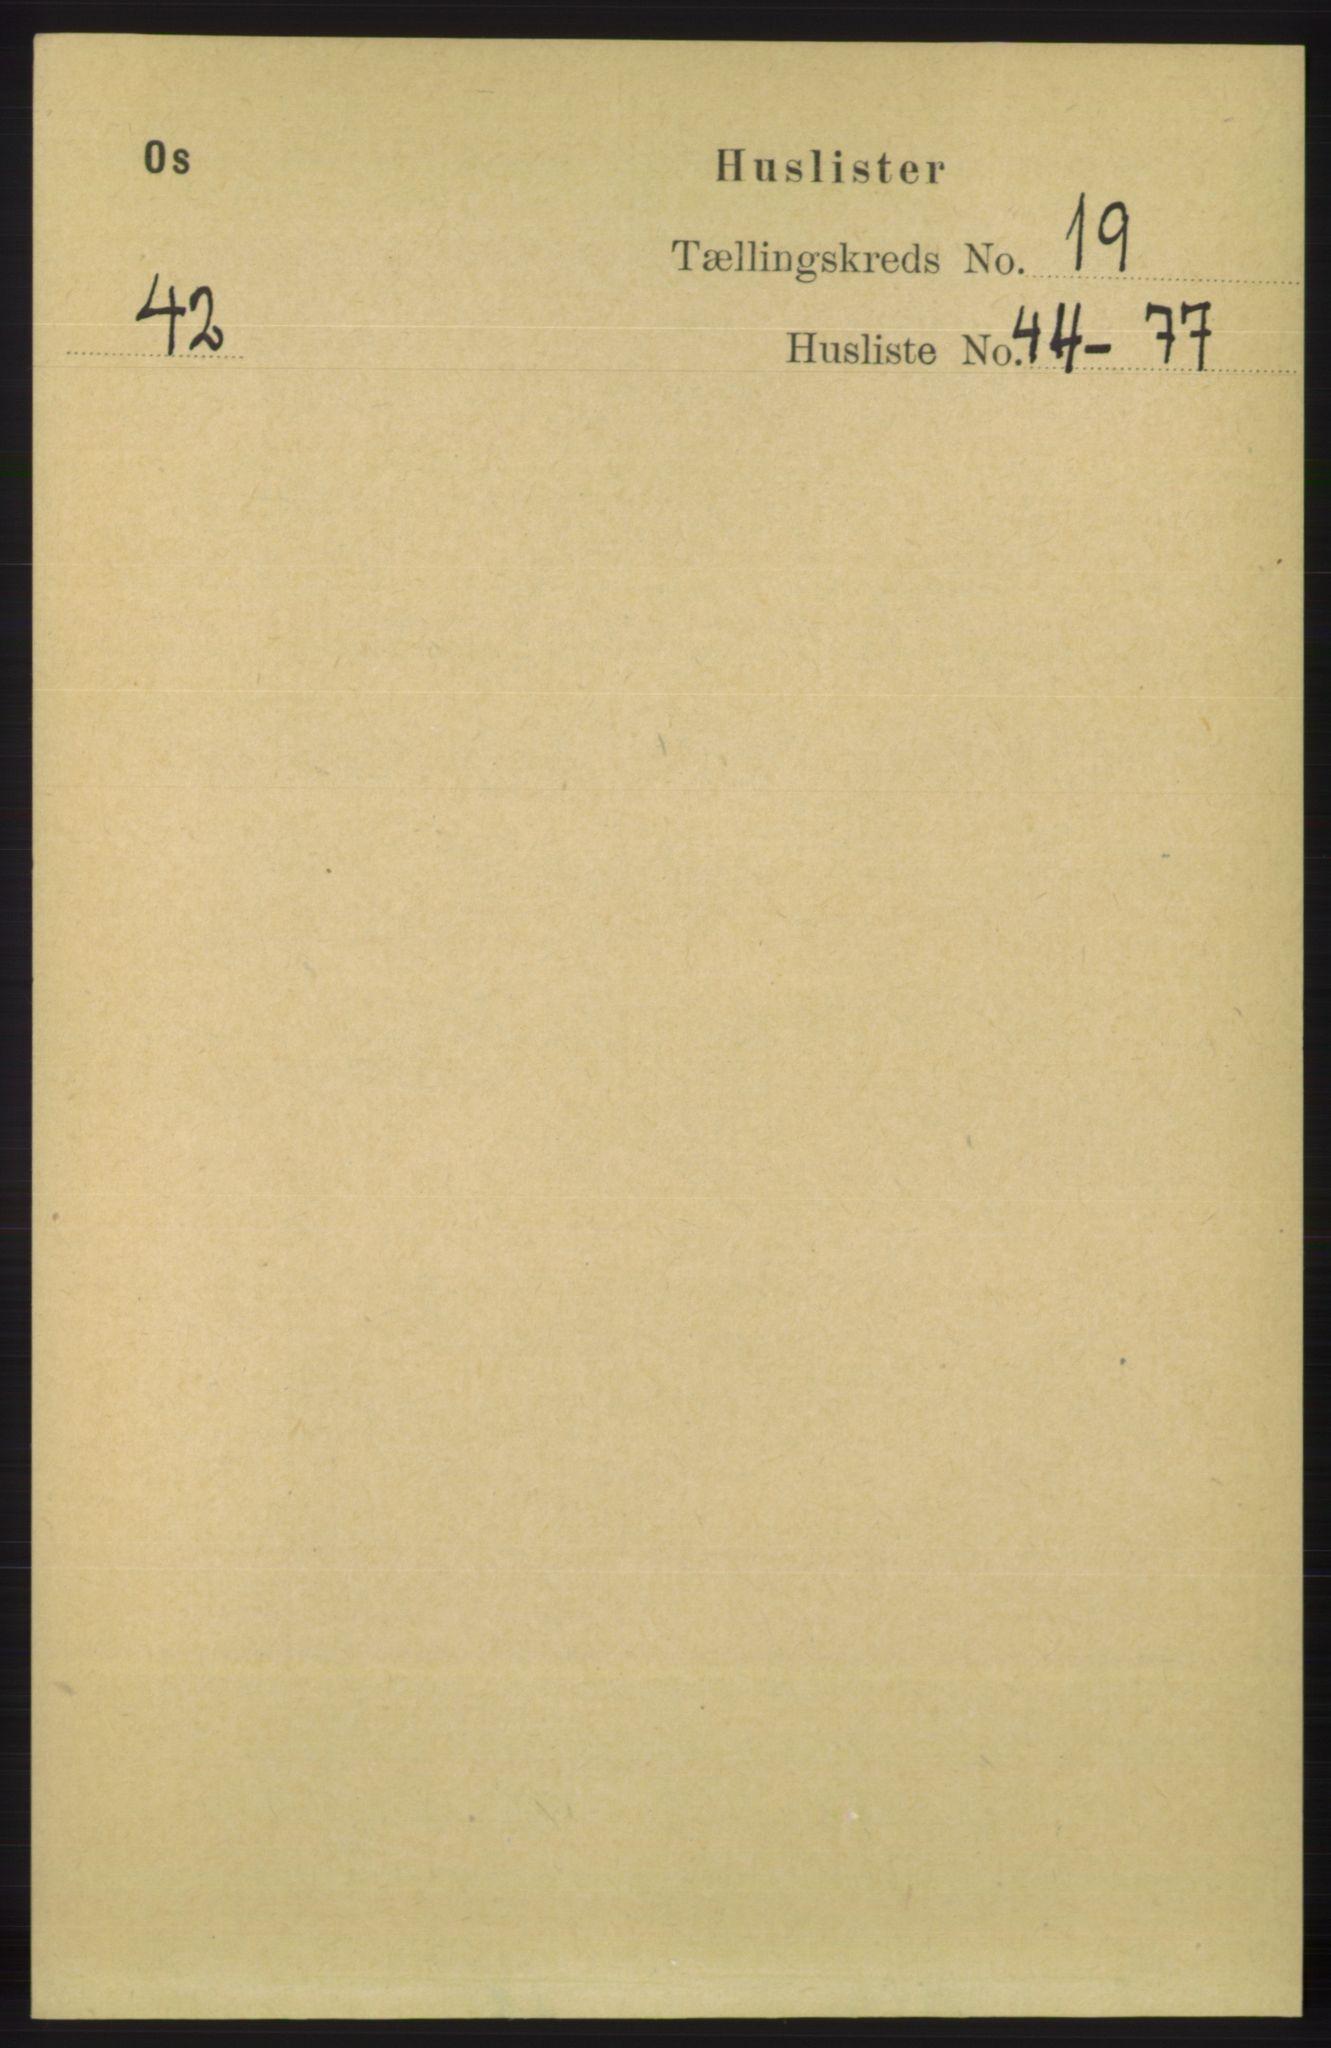 RA, Folketelling 1891 for 1243 Os herred, 1891, s. 4161